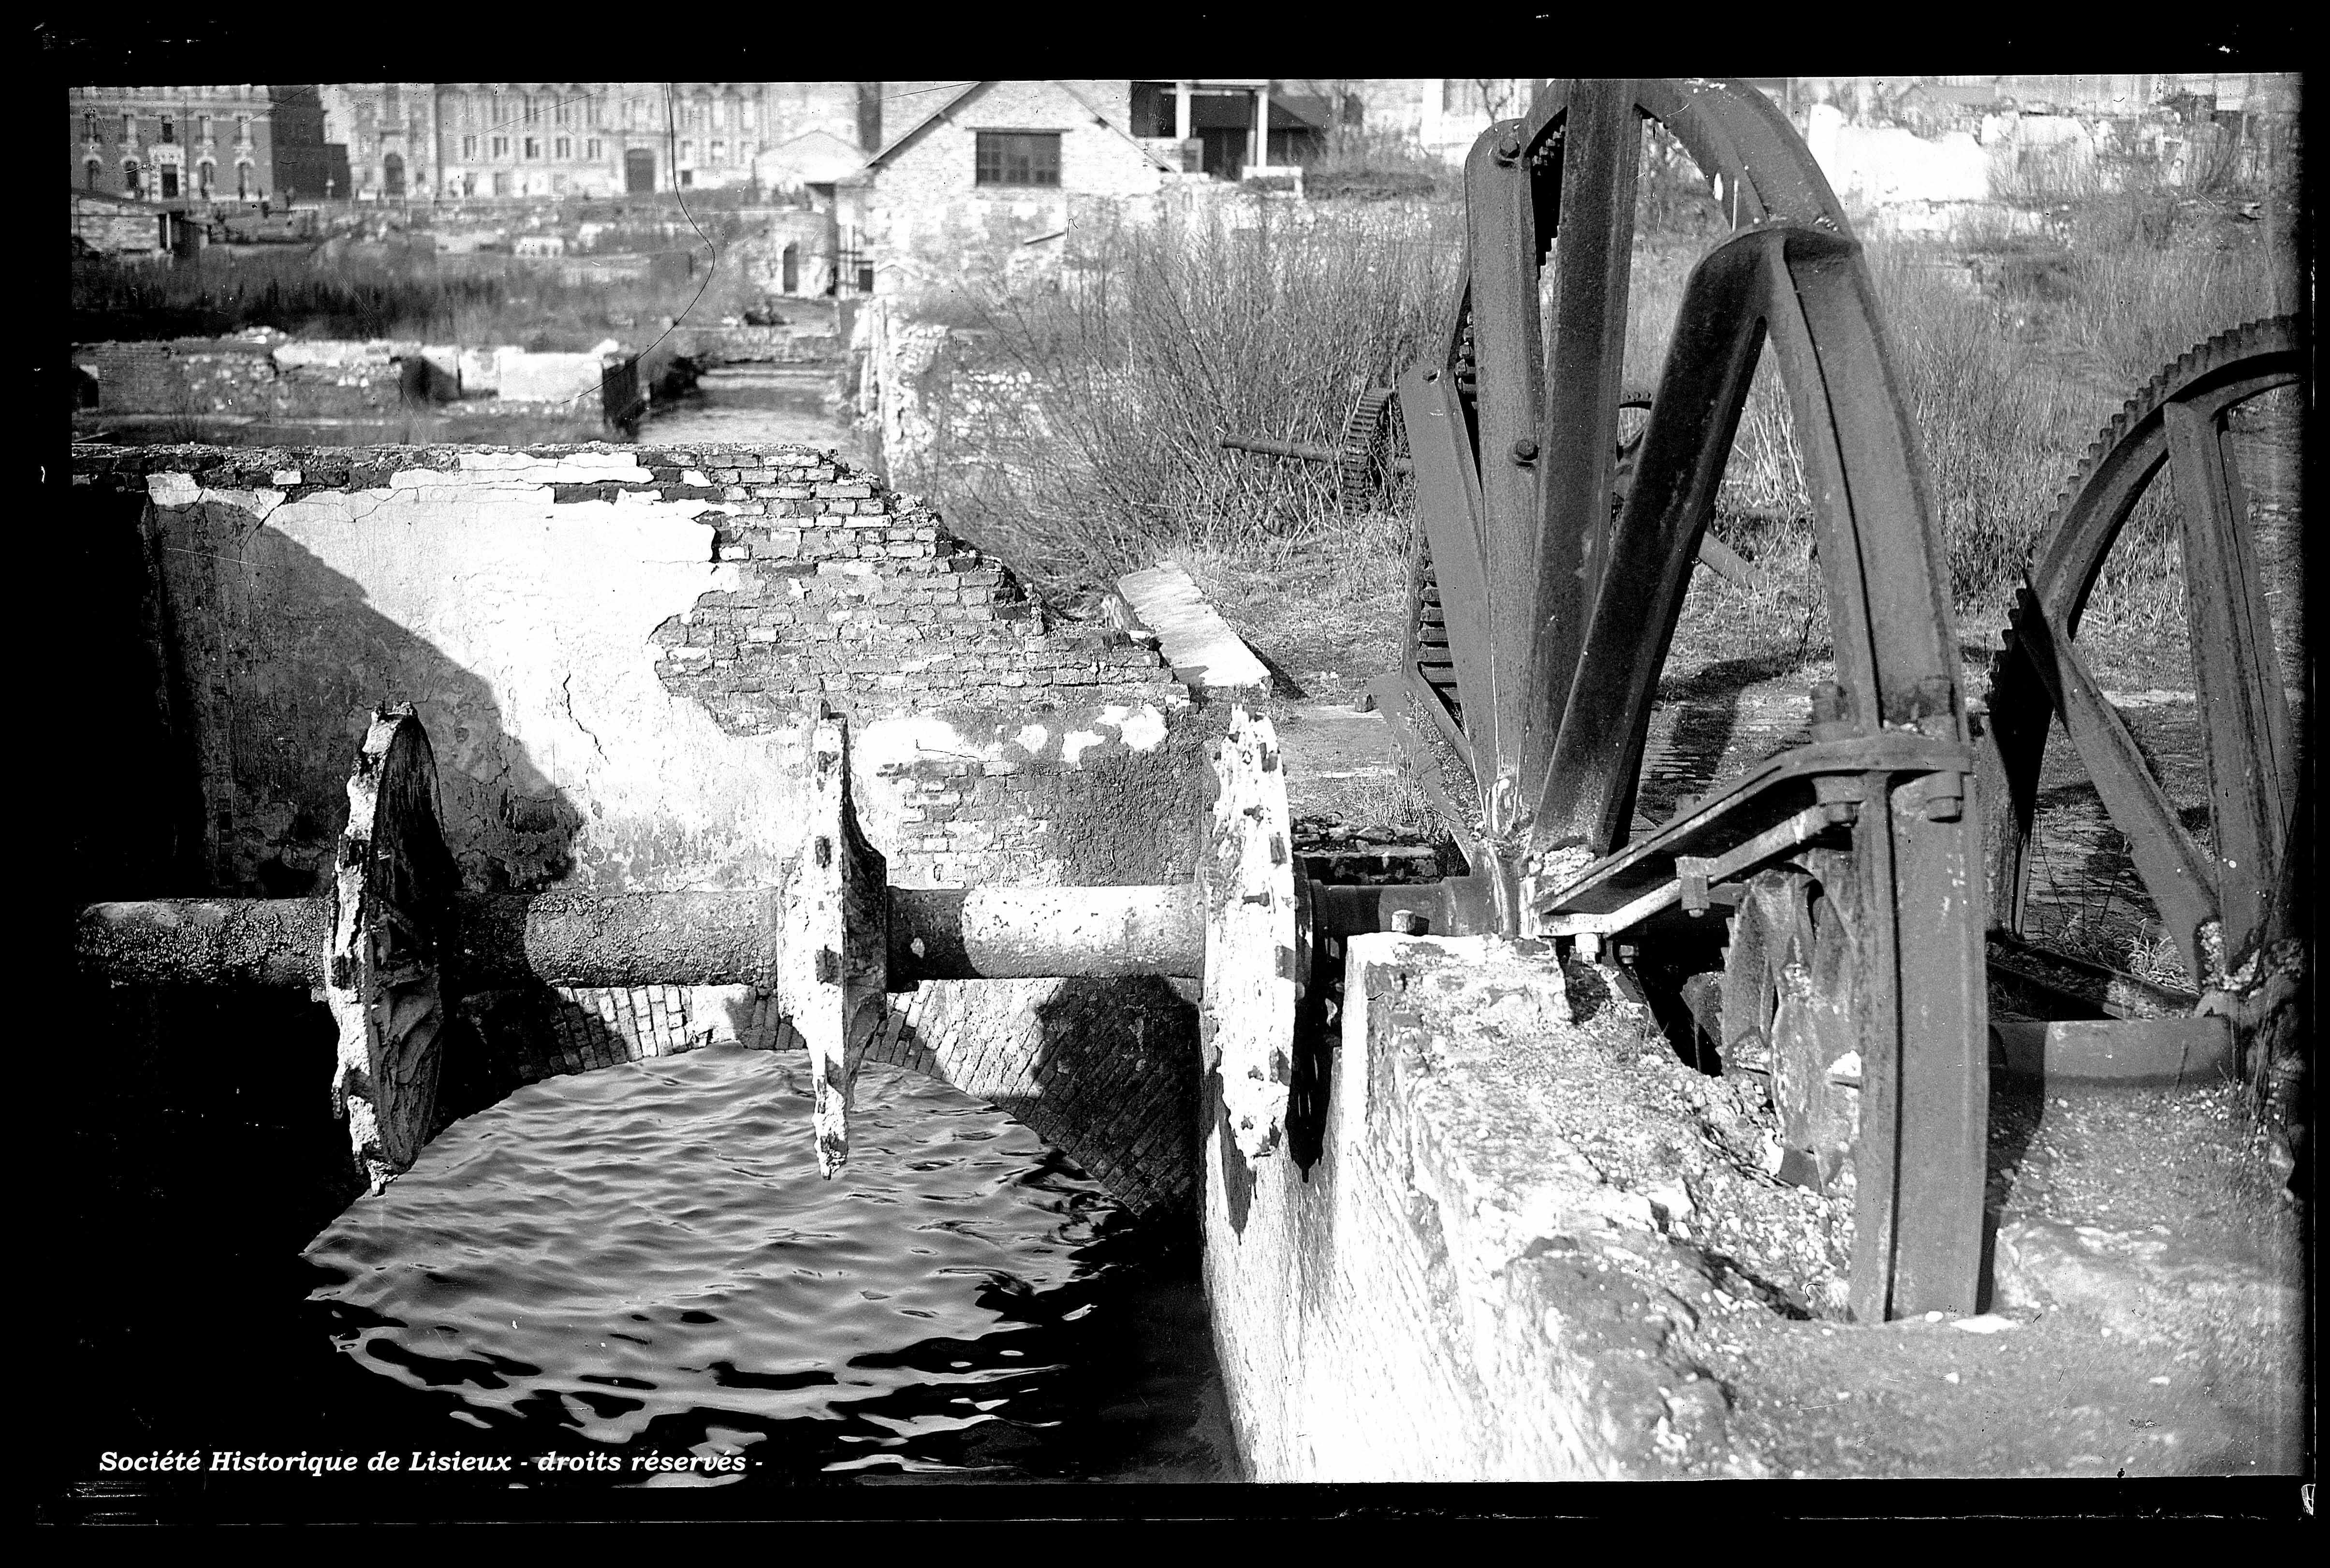 Restes du moulin de la rue aux Fèvres (photos n°927, 928 et 936).